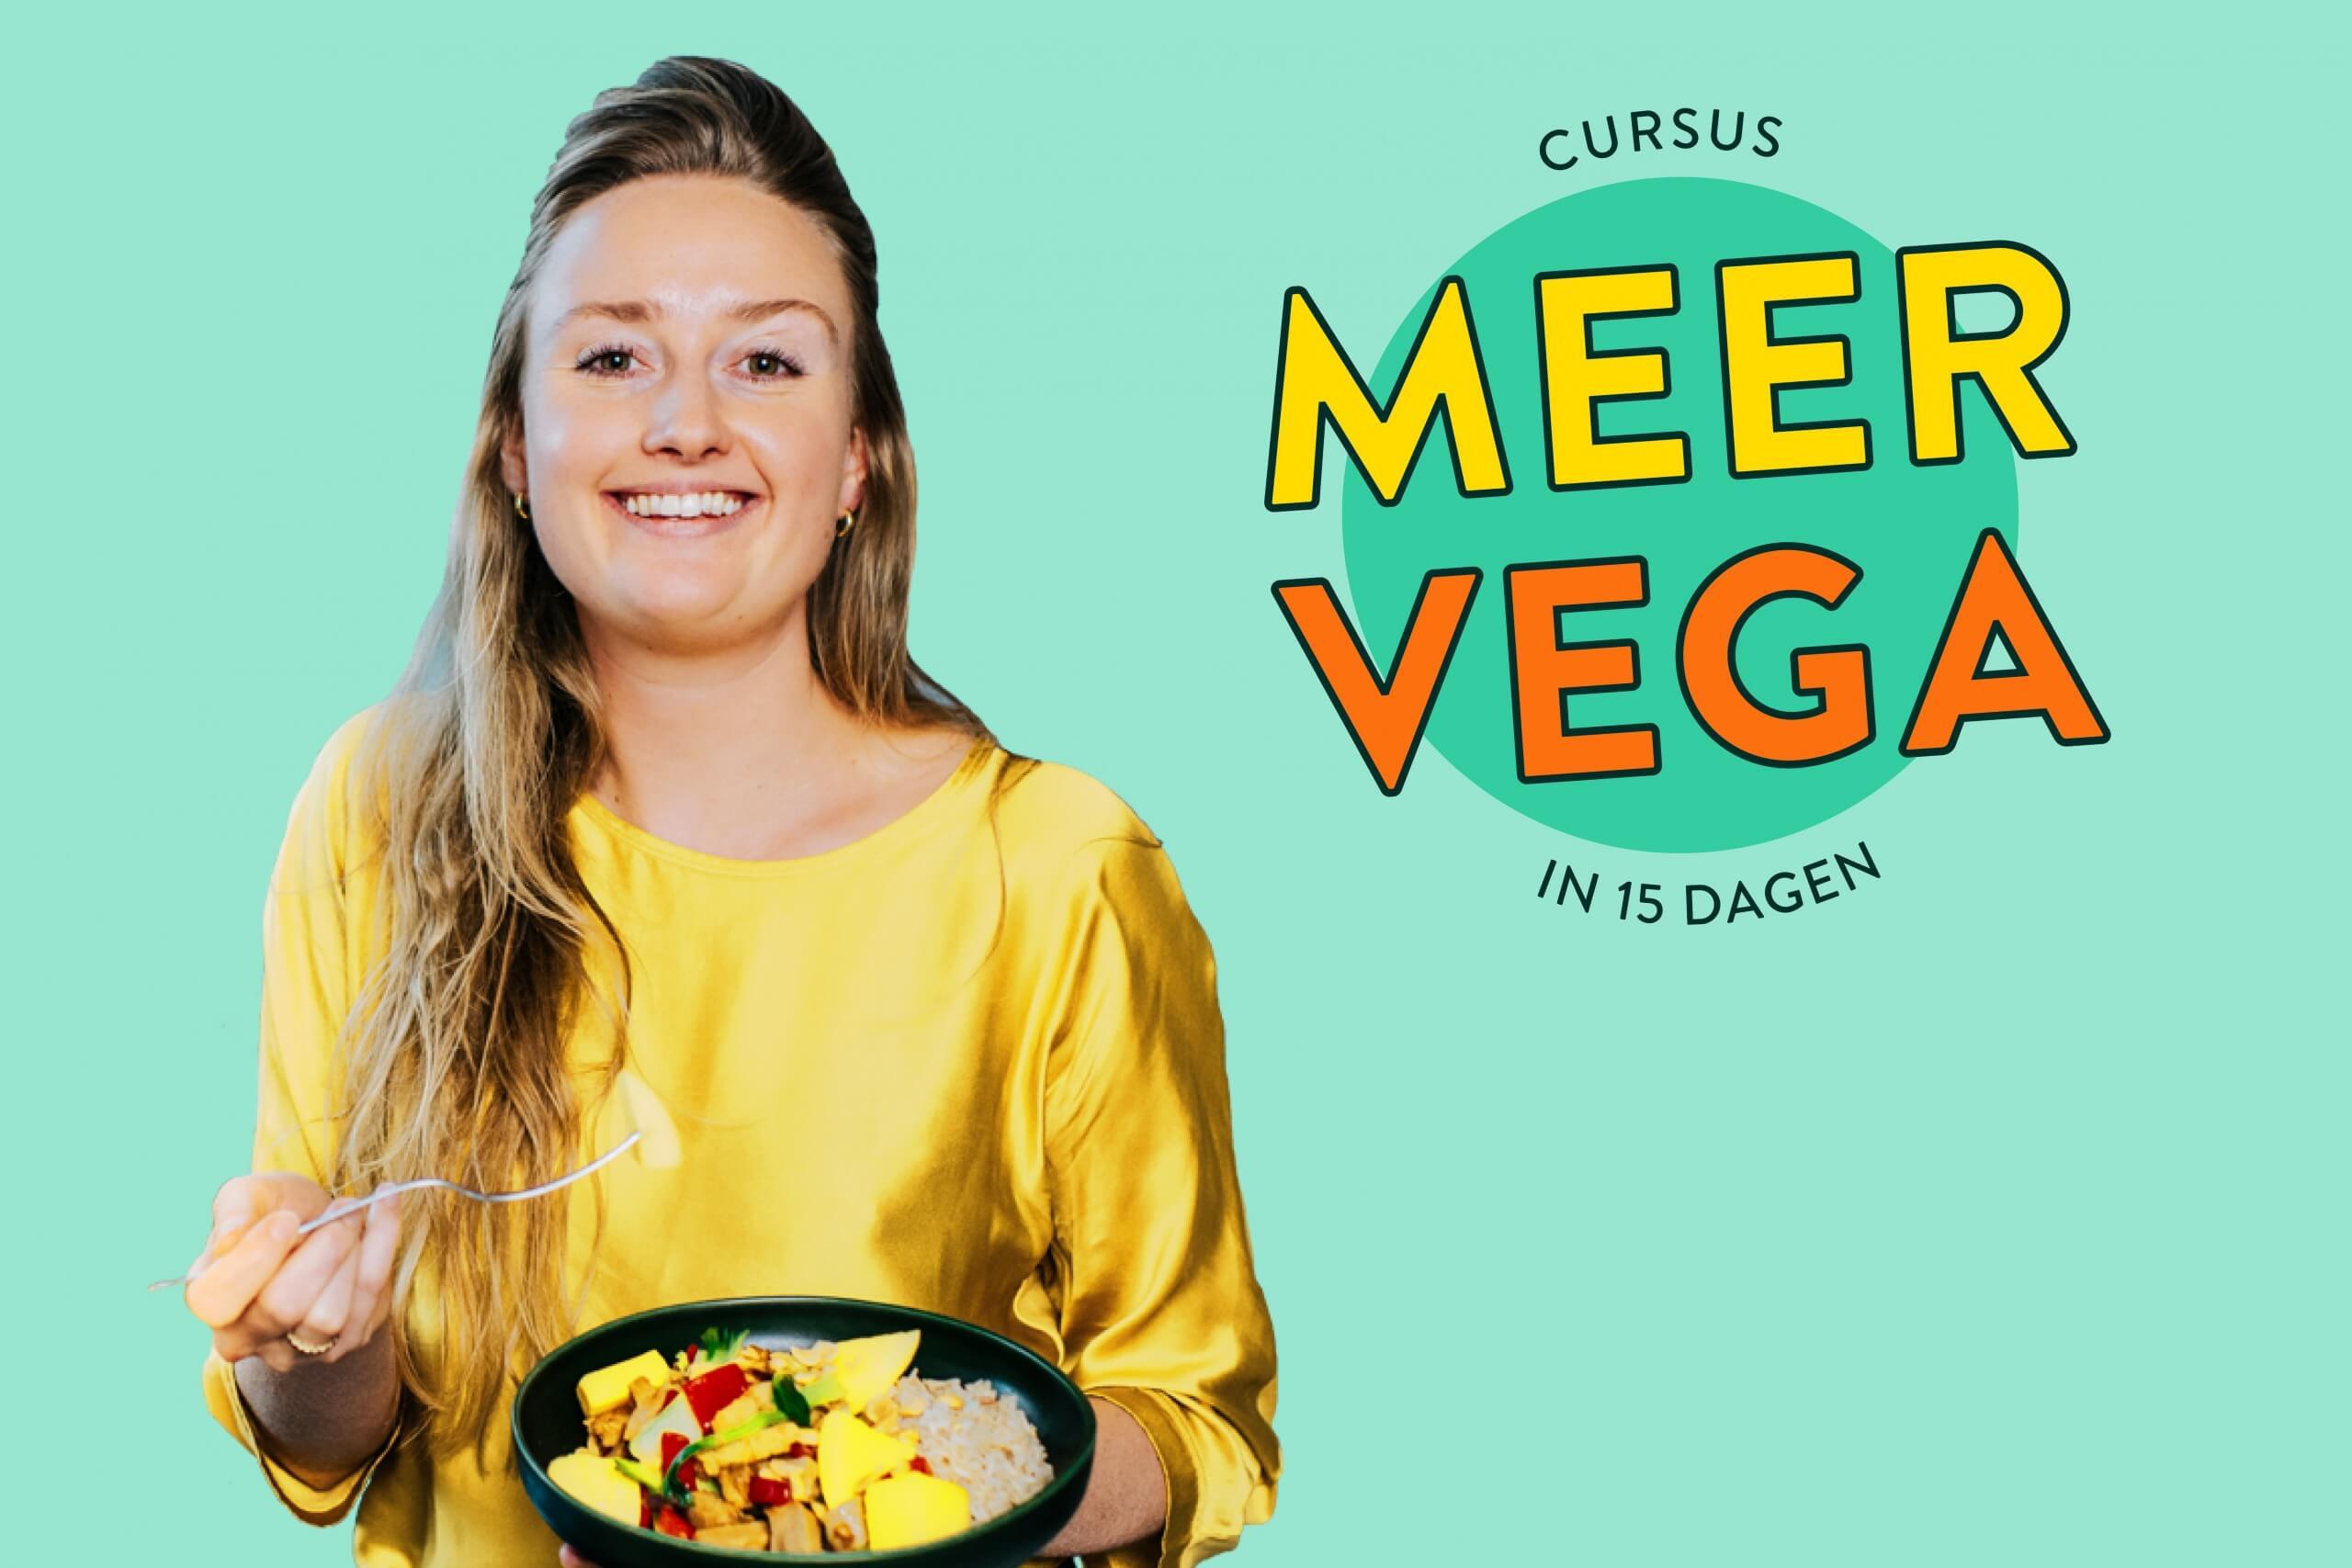 NIEUW: Cursus MEER VEGA in 15 dagen met De Hippe Vegetariër